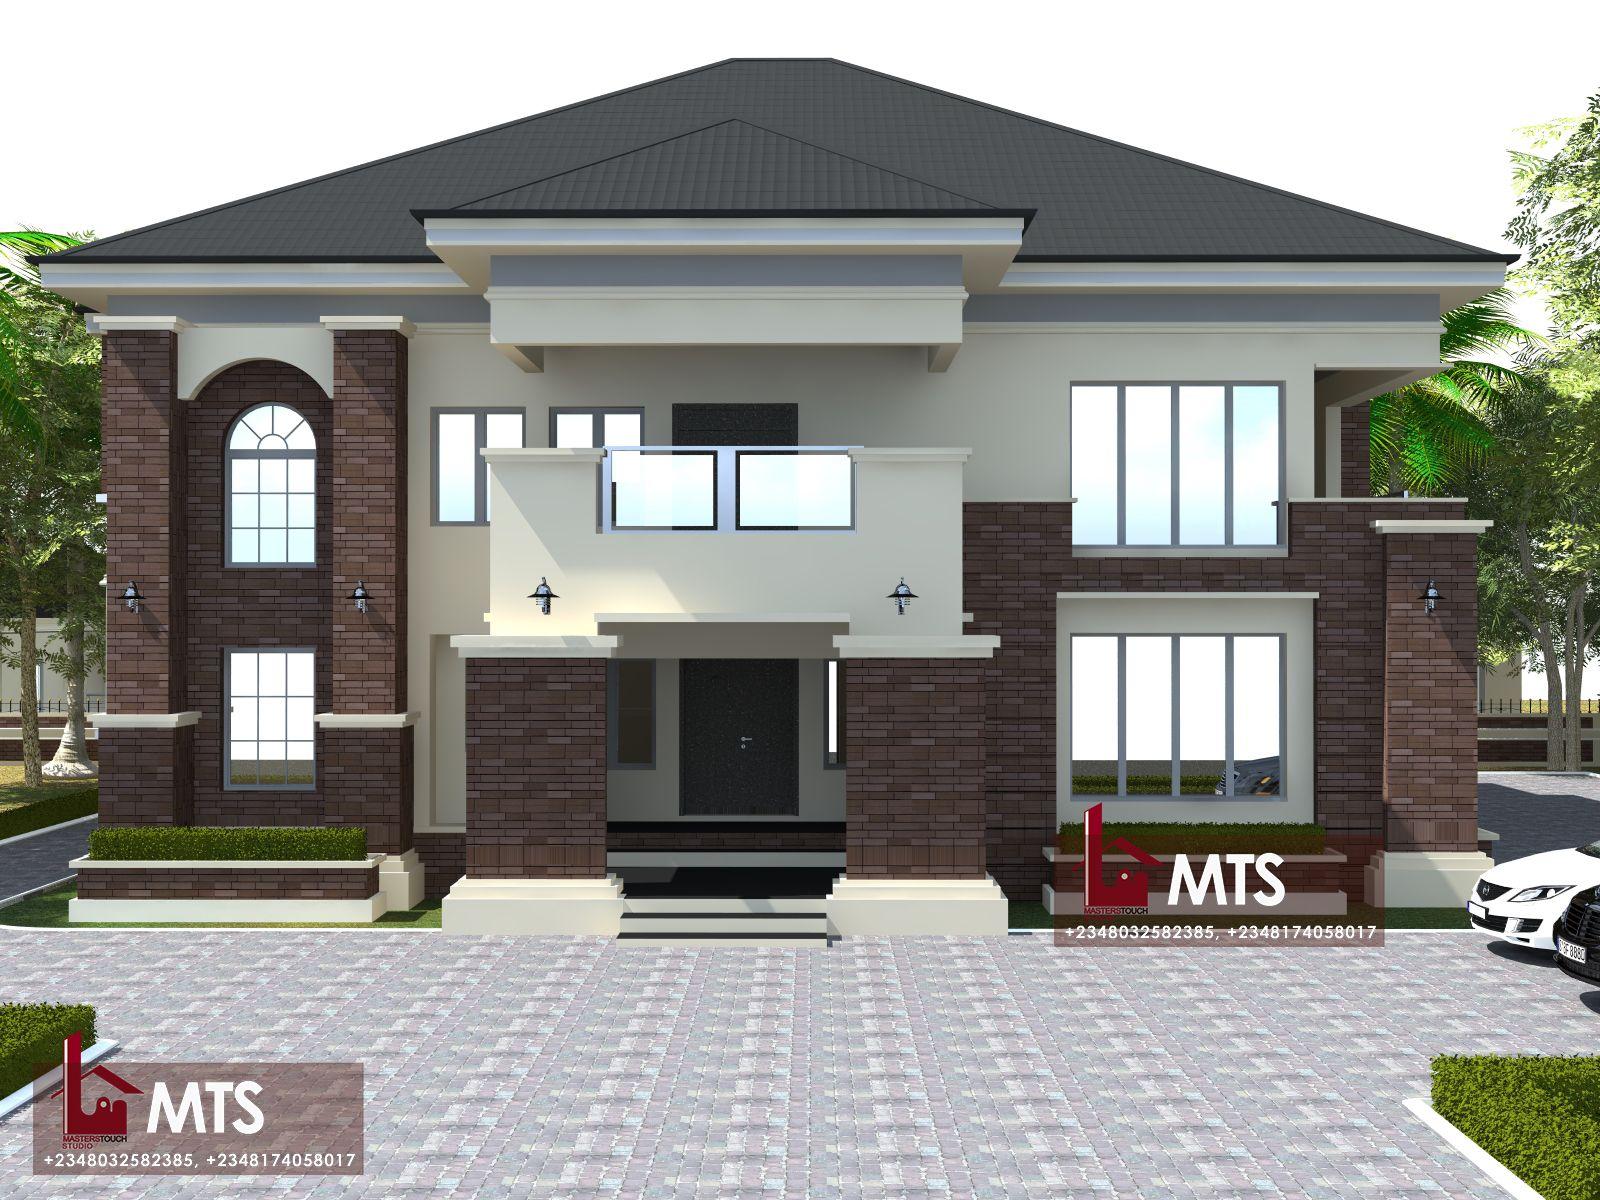 6 Bedroom Duplex Rf D6003 Duplex Design Duplex House Design Bungalow House Design